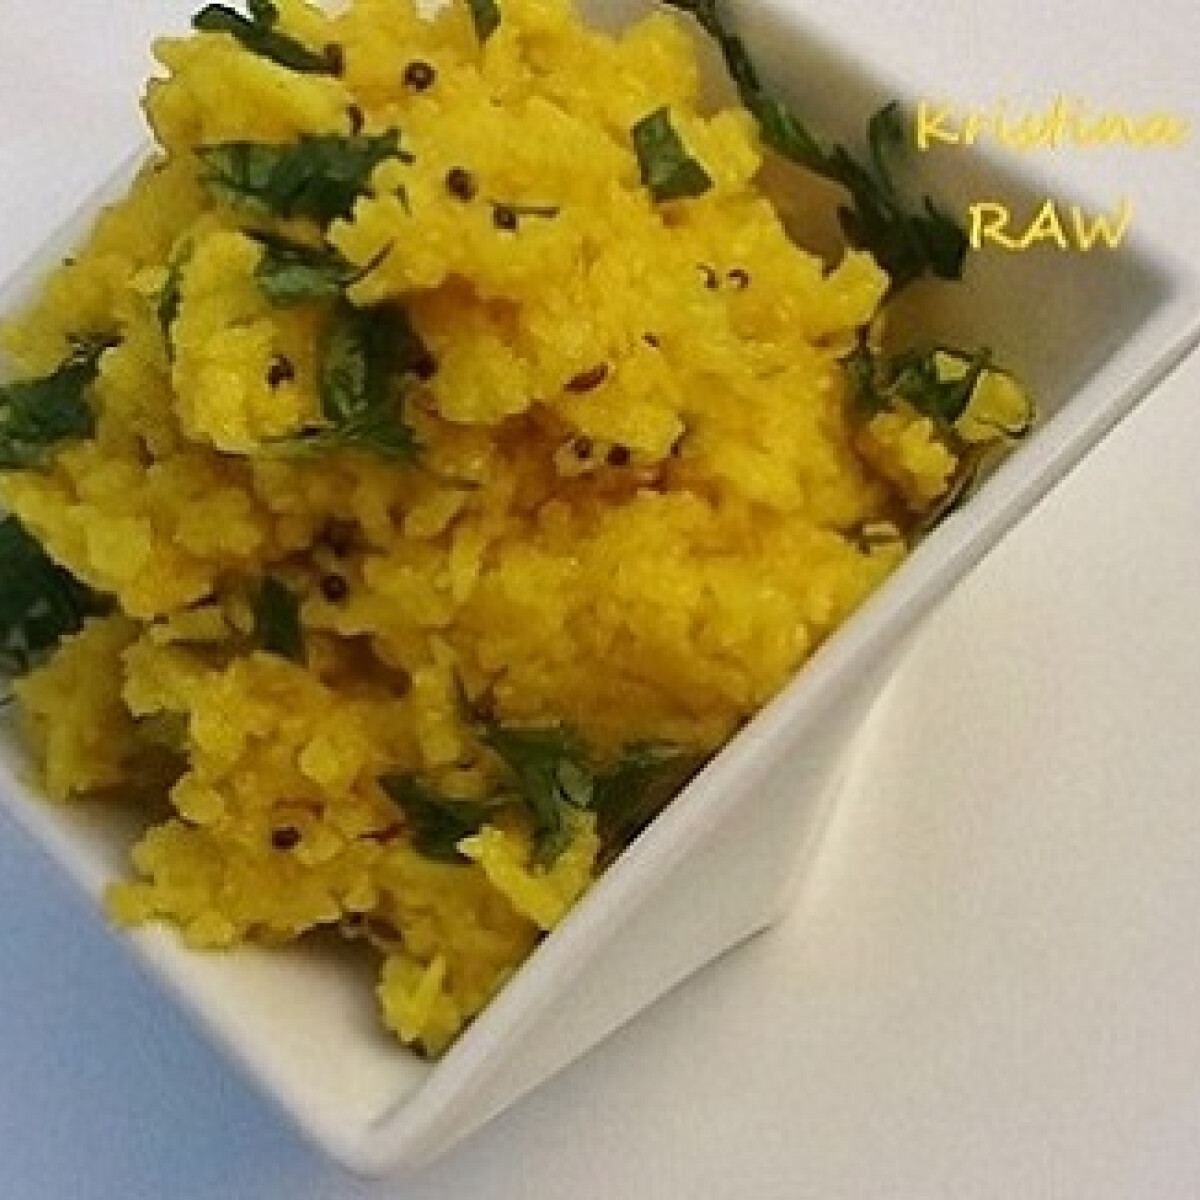 Ezen a képen: Citromos rizs Raw konyhájából